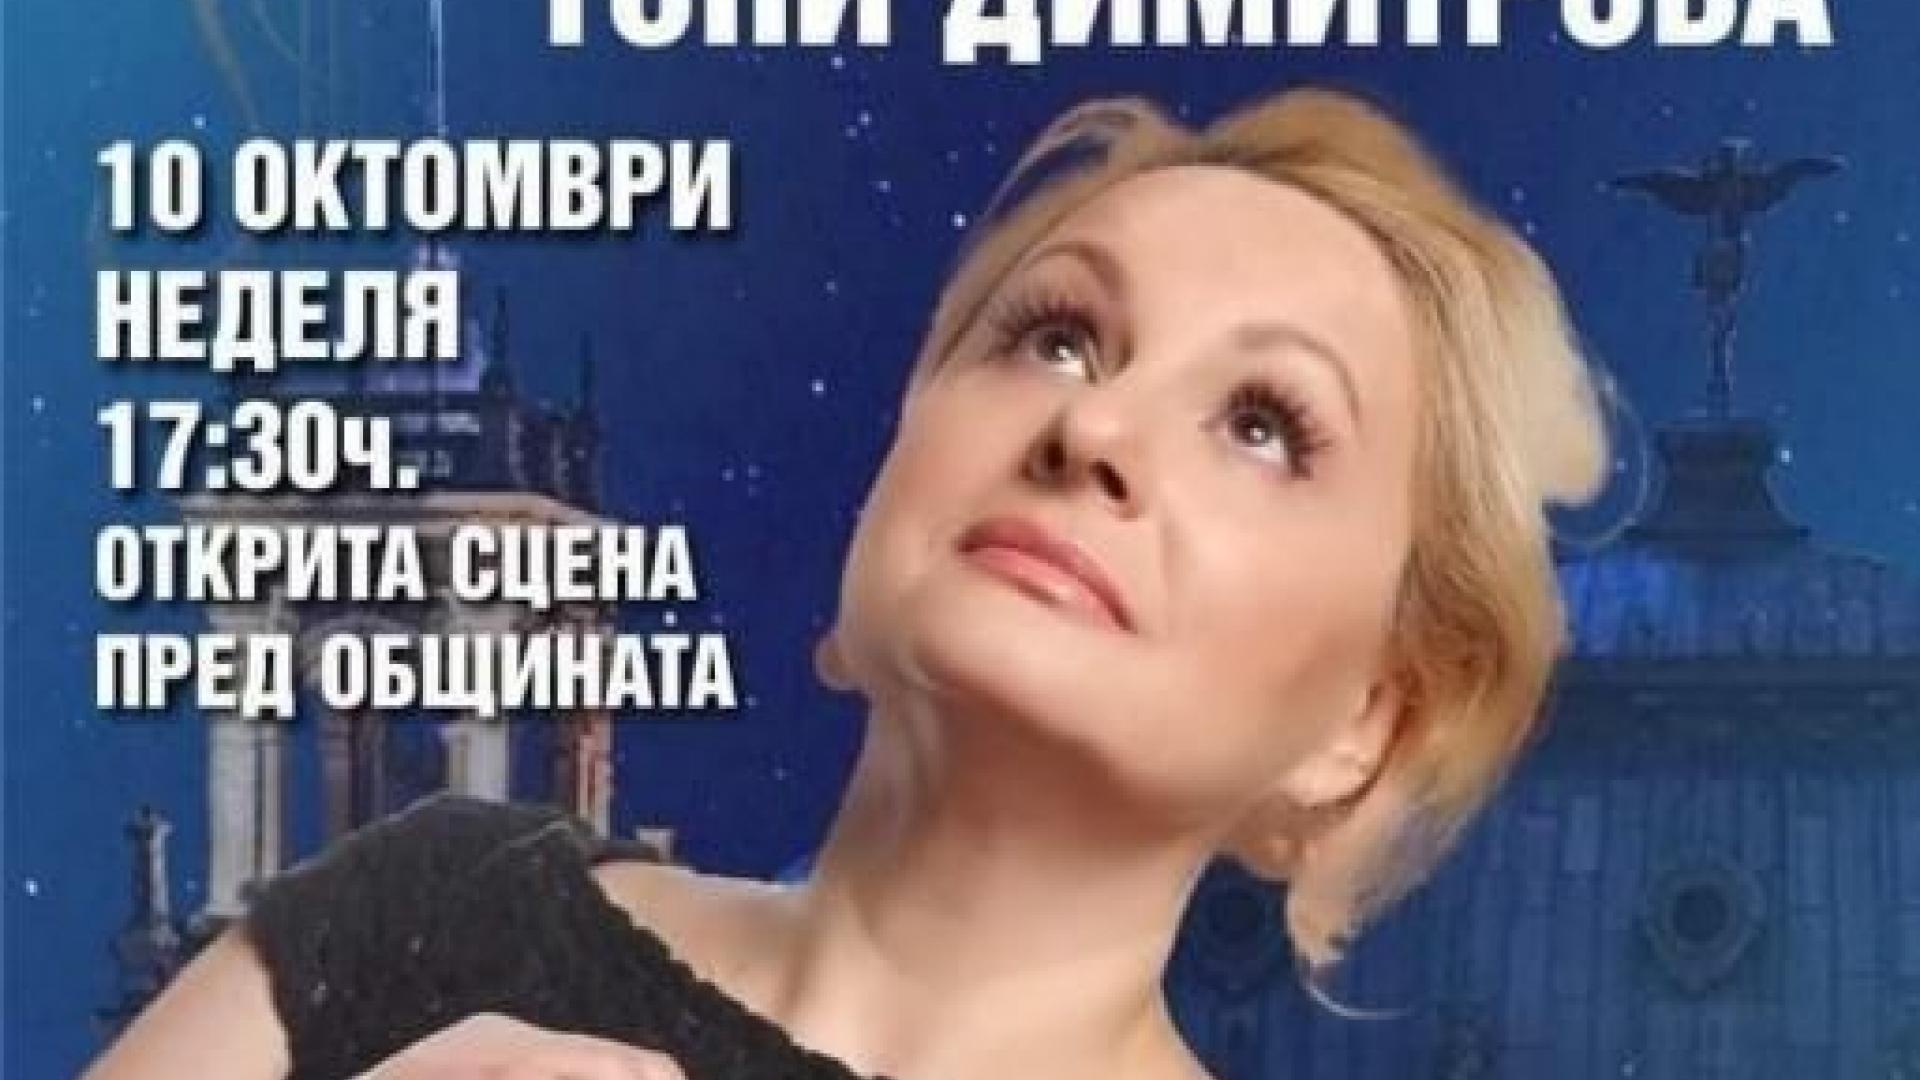 """Тони Димитрова гост на конкурса за млади певци """"Северно сияние"""""""